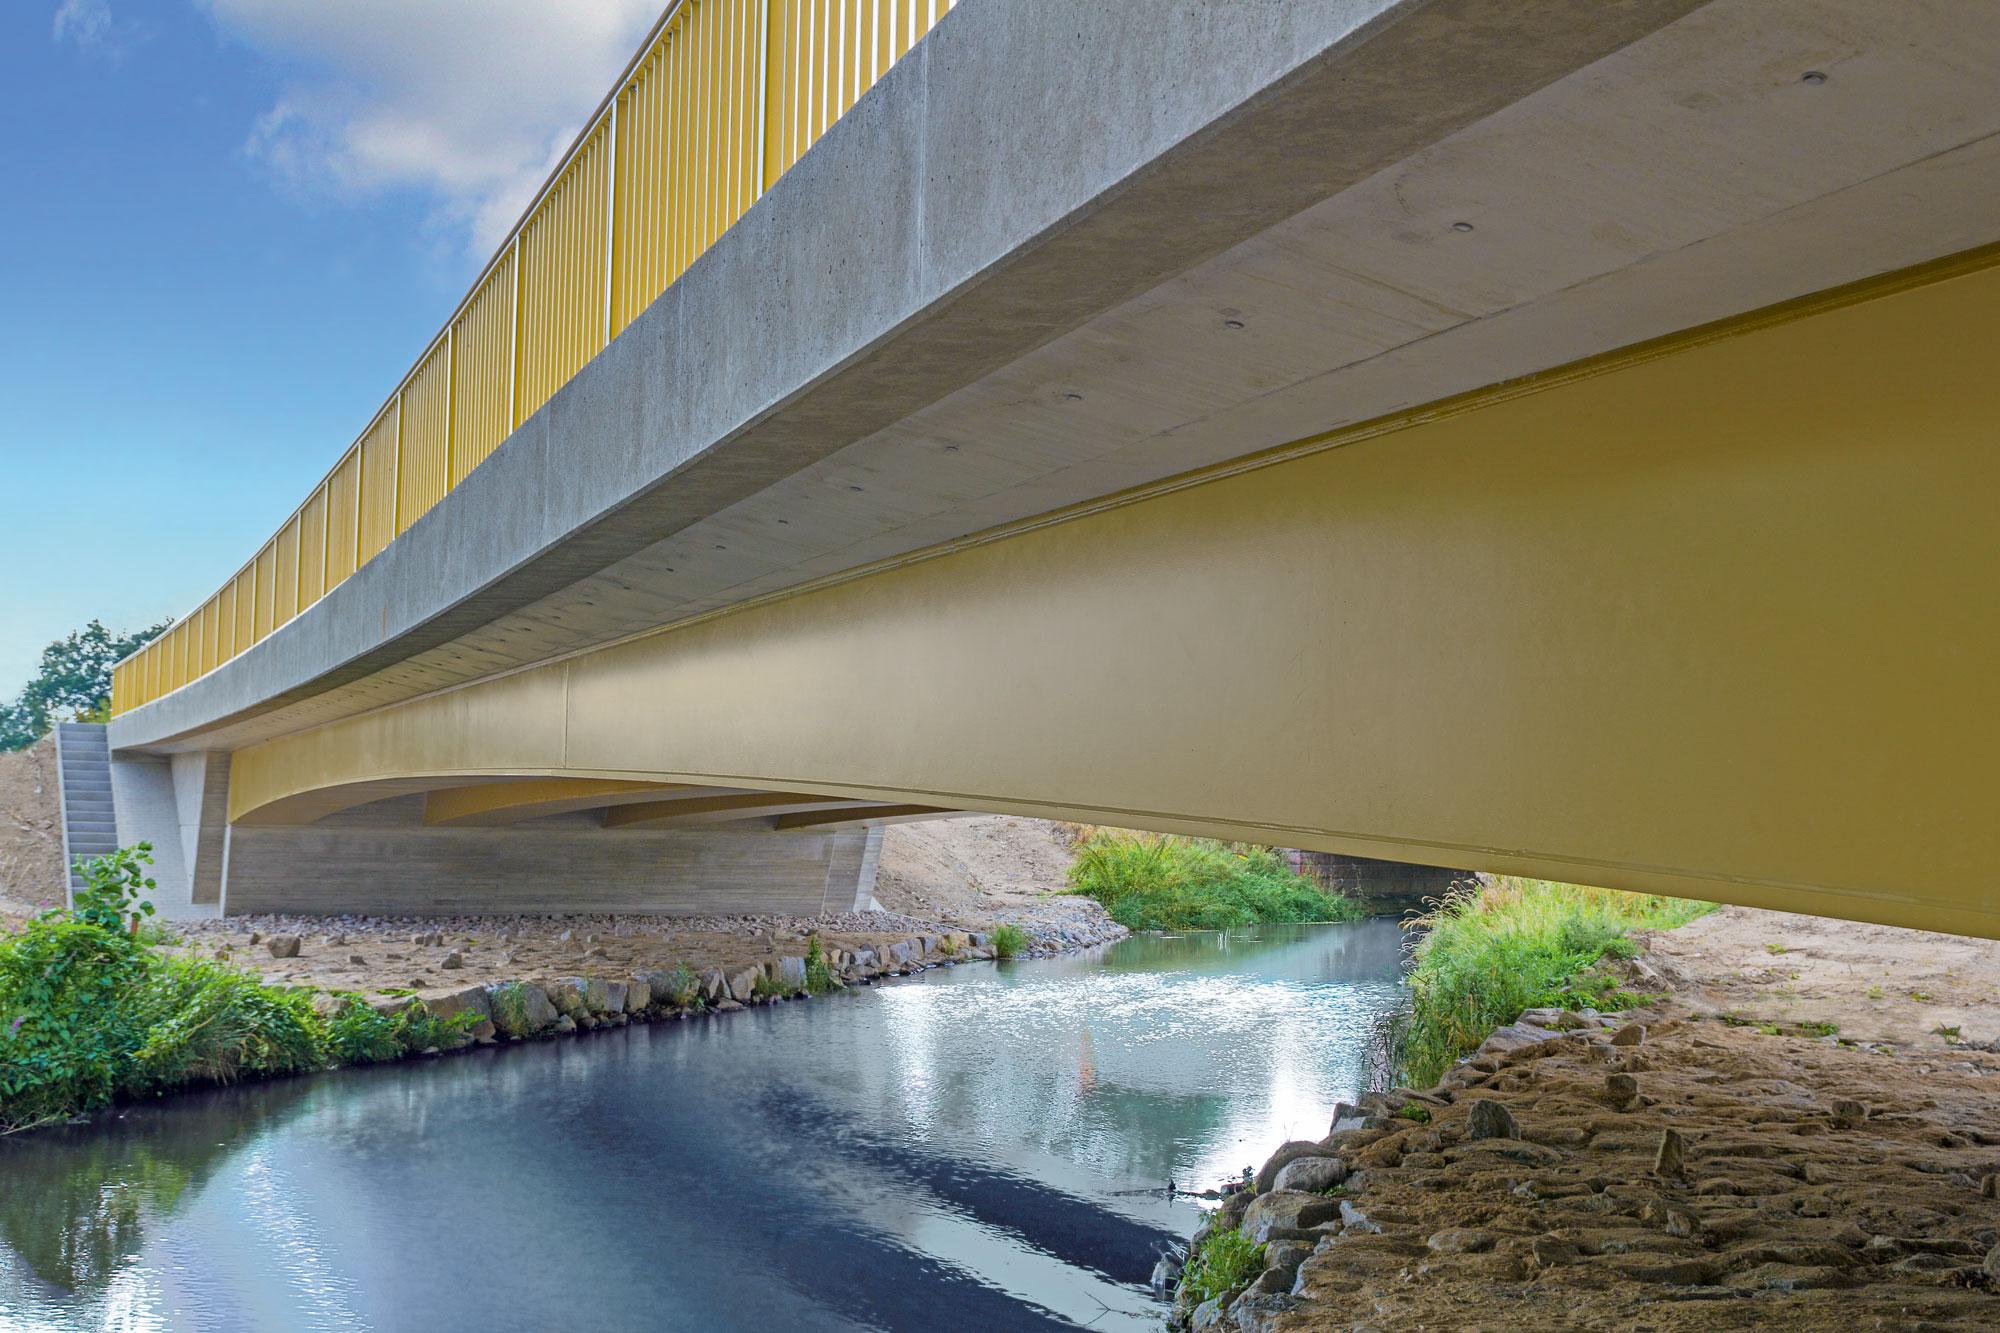 S91 KalkreuthBW4 Brücke über die Große Röder